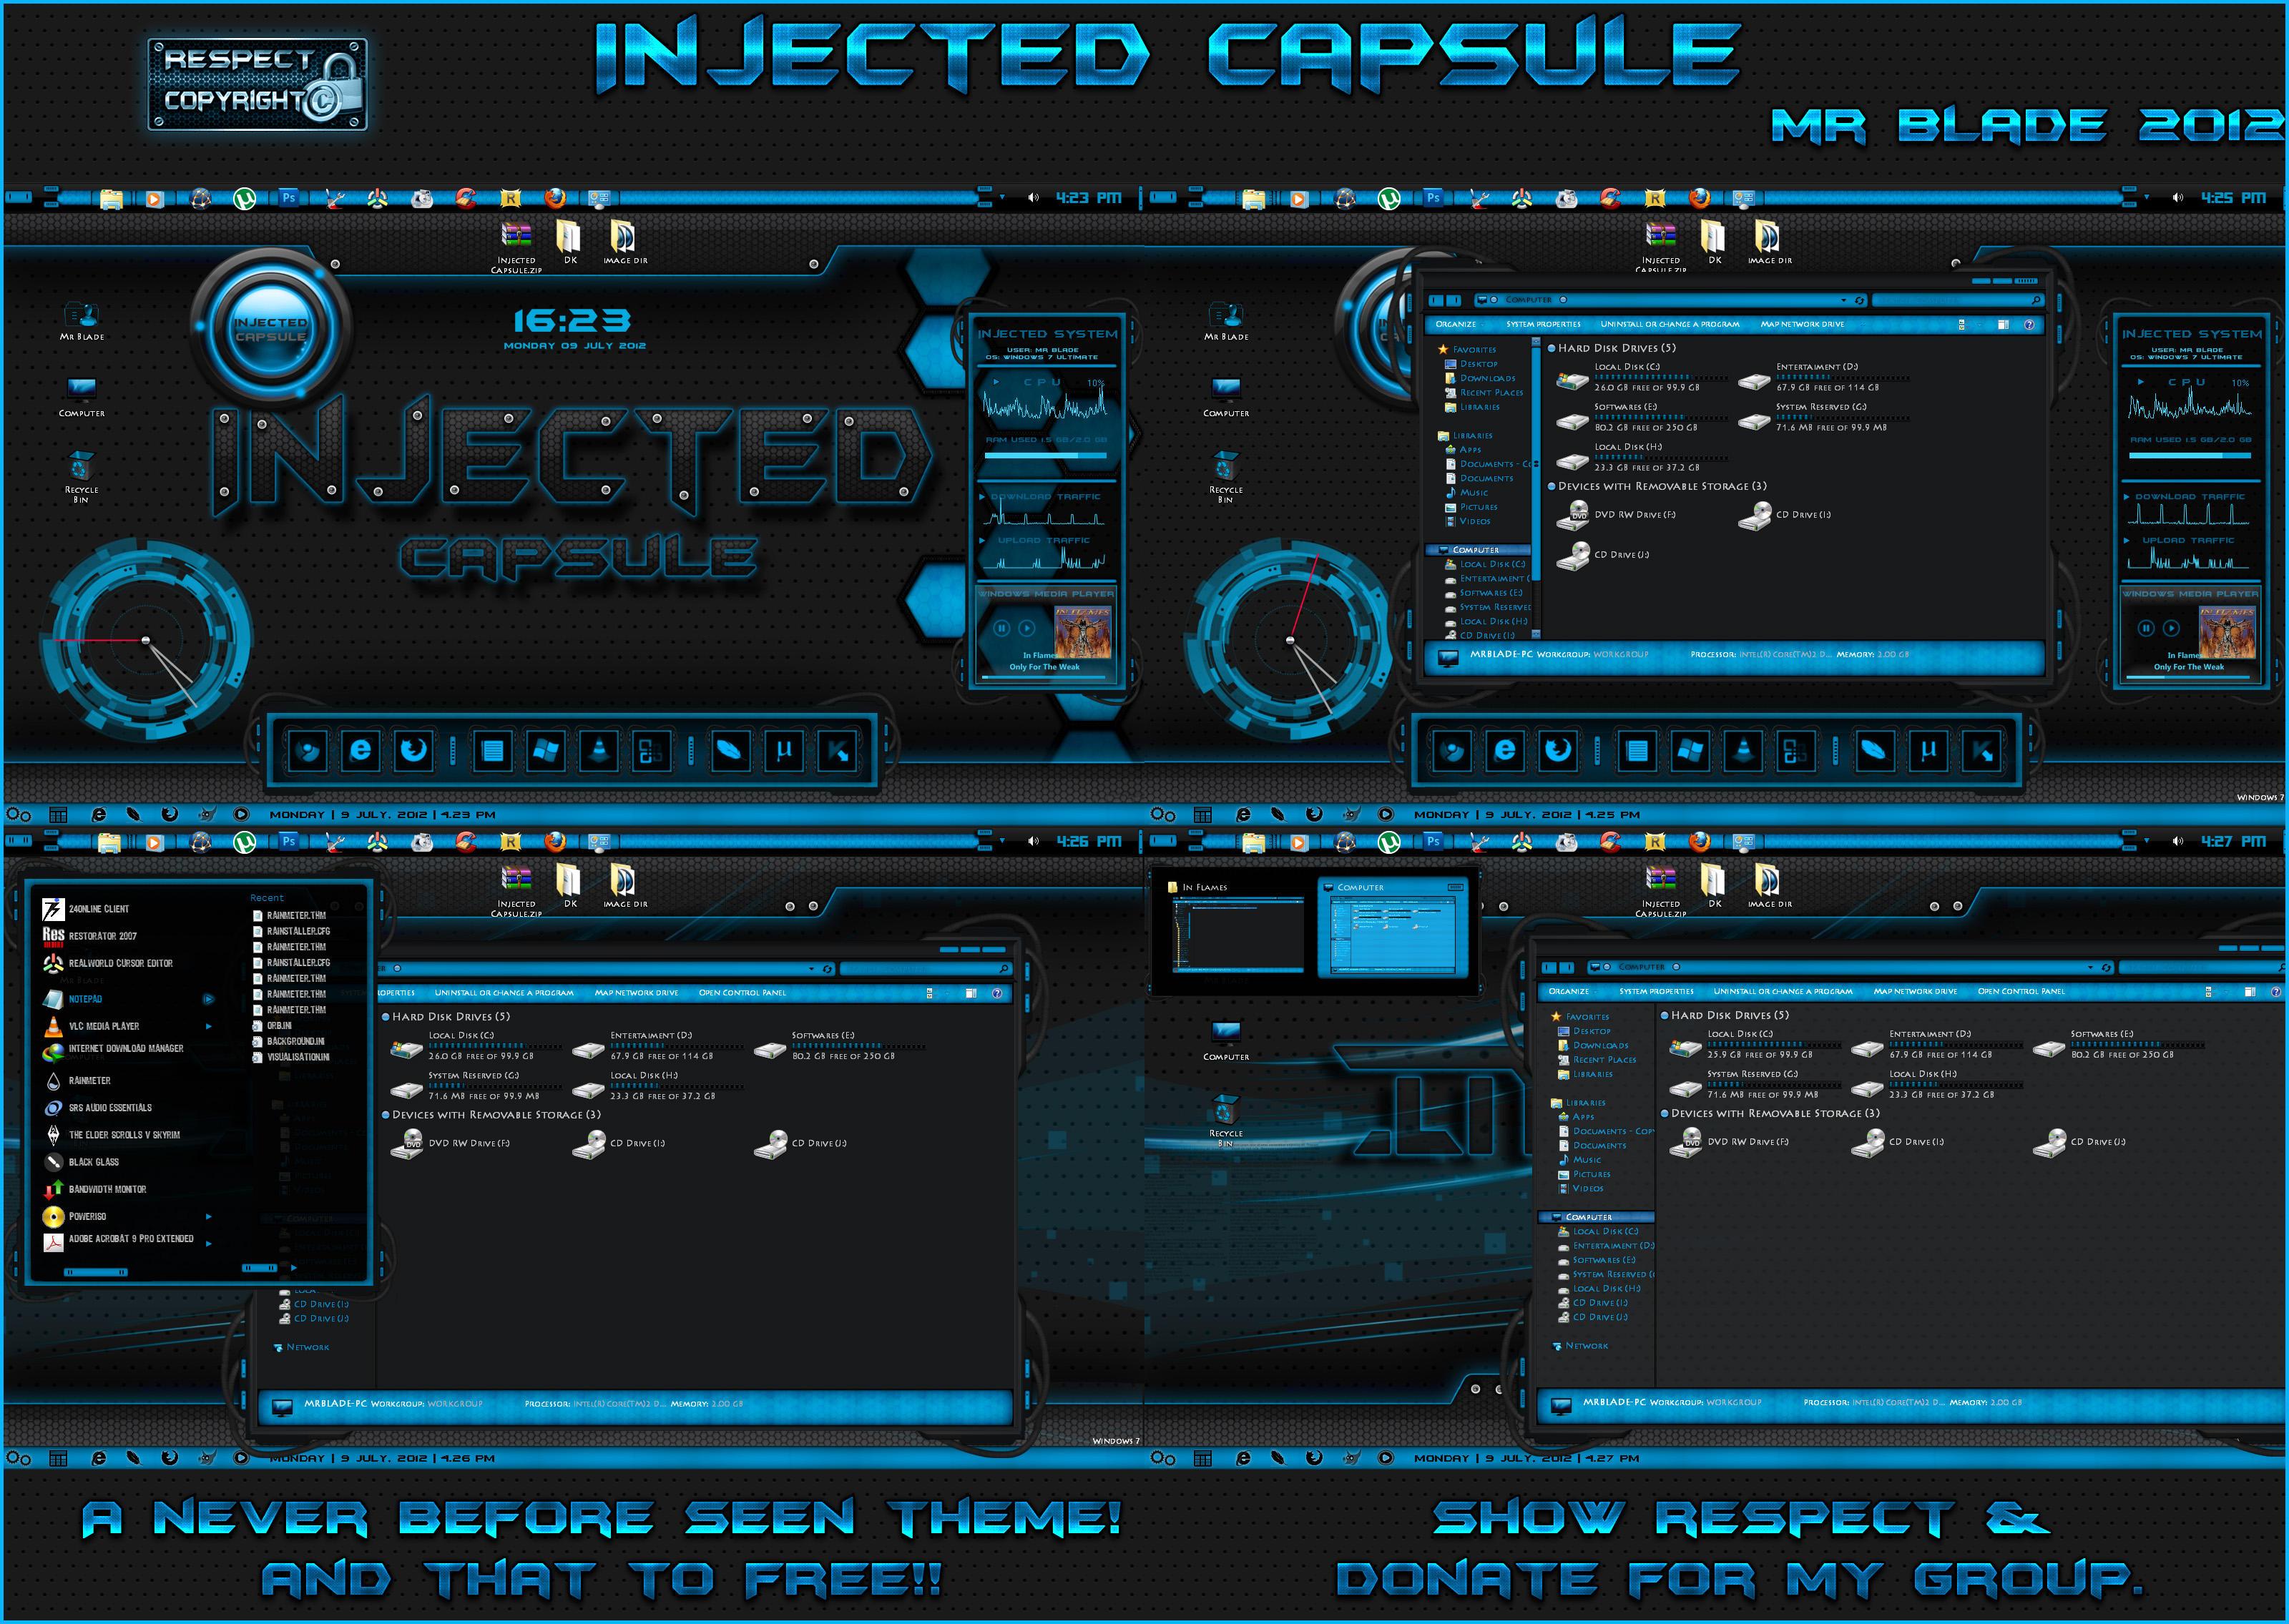 ____injected_capsule_____by_mr_blade-d56olia.jpg